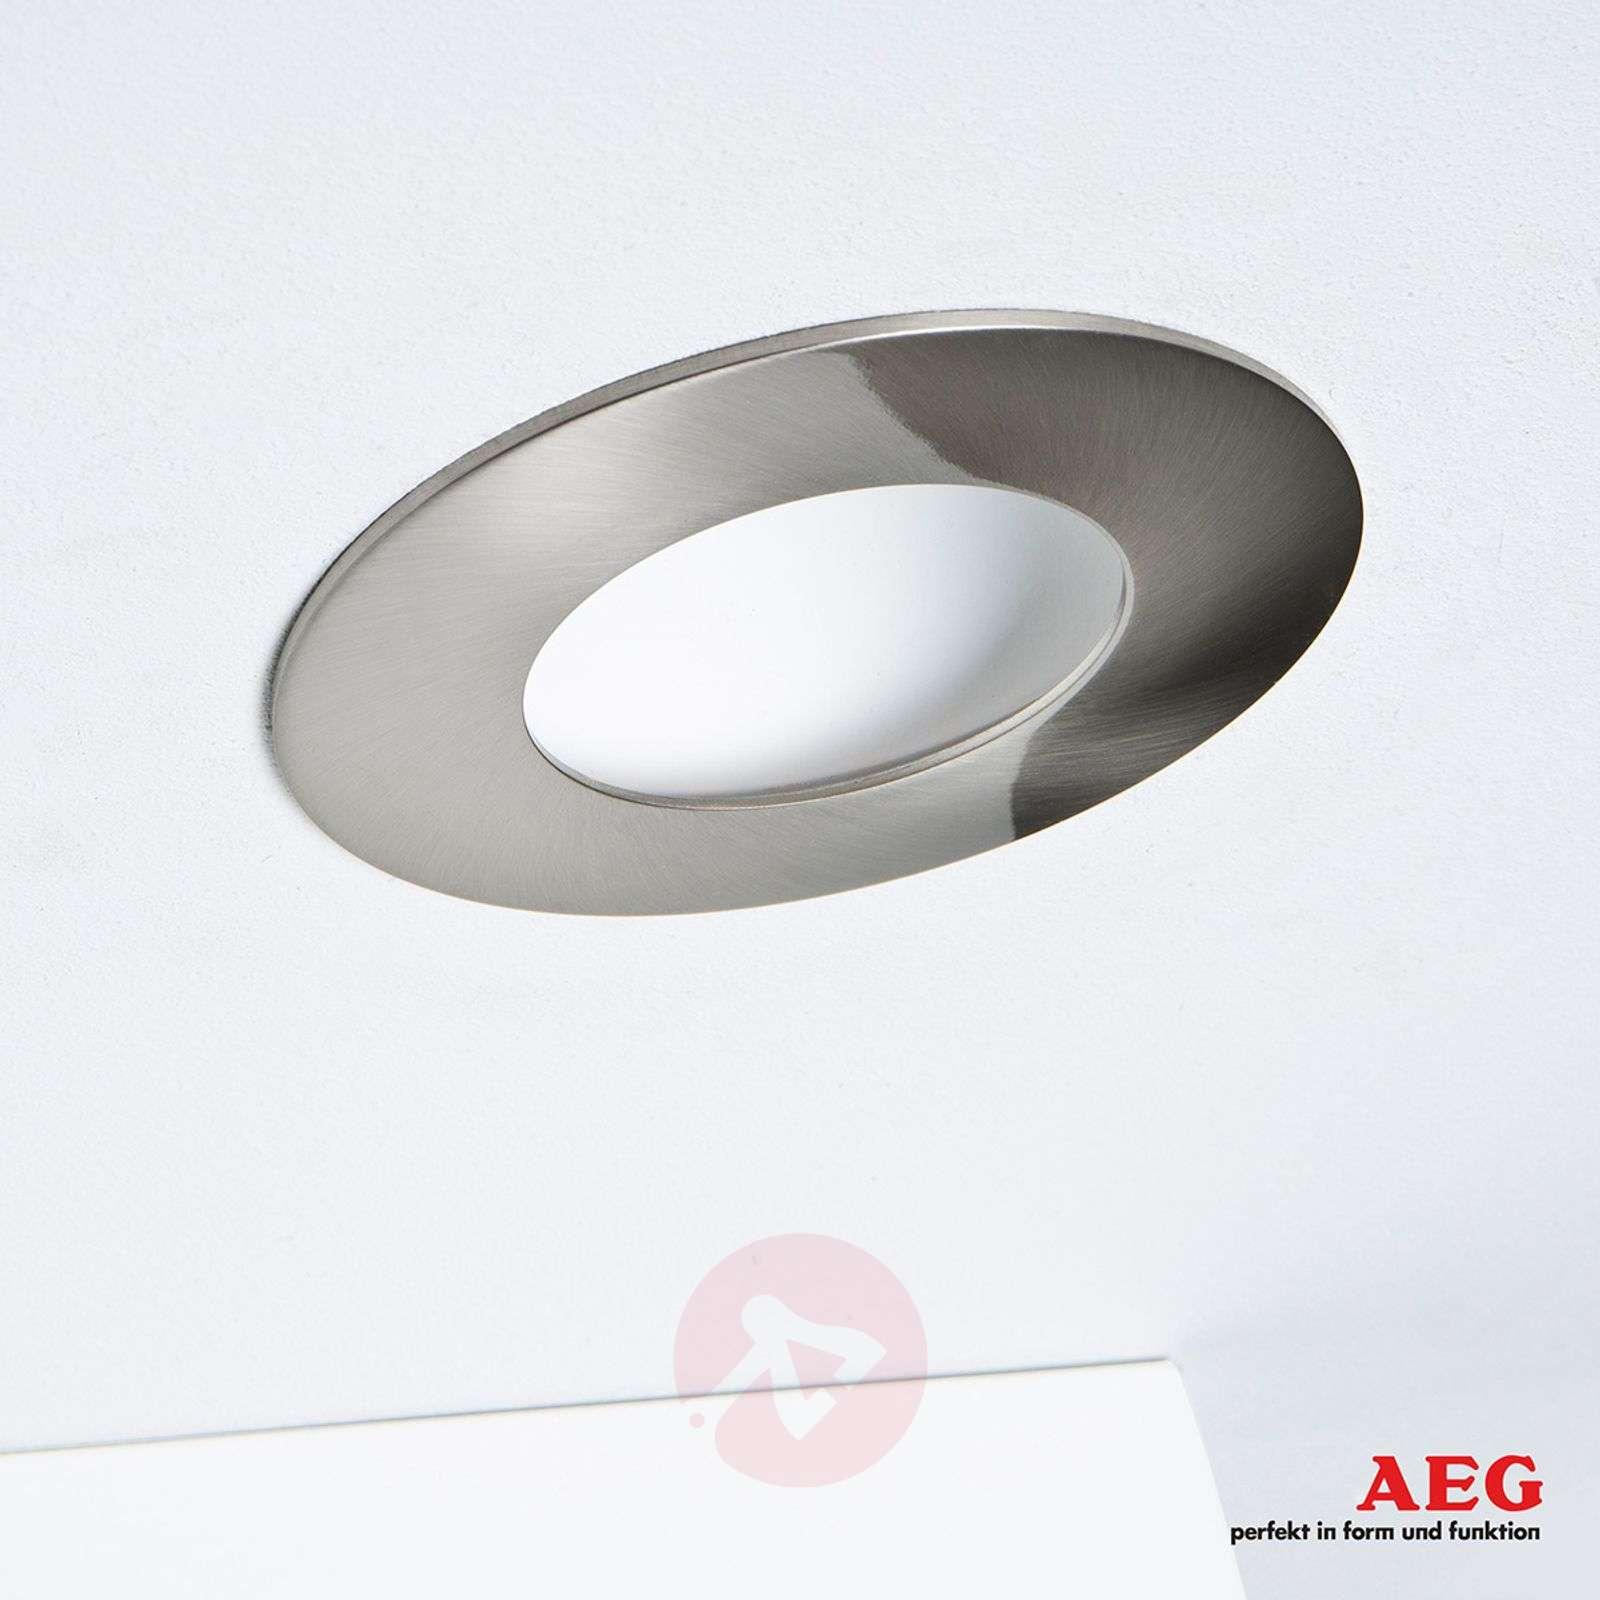 LED-uppospotti Orbita, 3-osainen, matta nikkeli-3057046-01